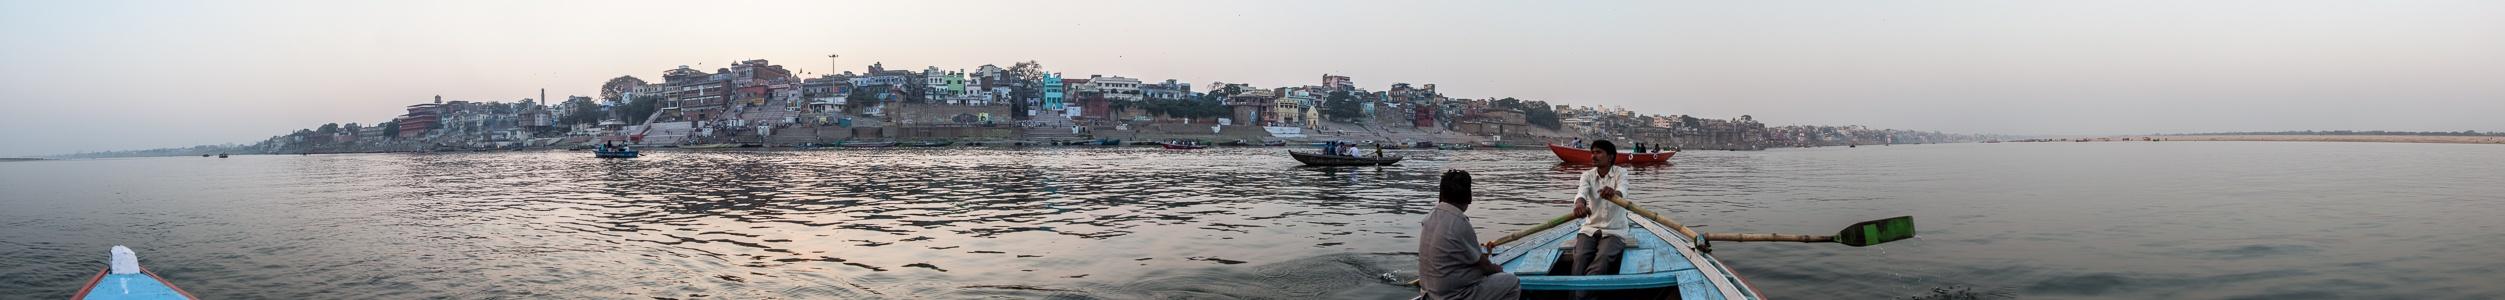 Ganges, Varanasi, Uttar Pradesh